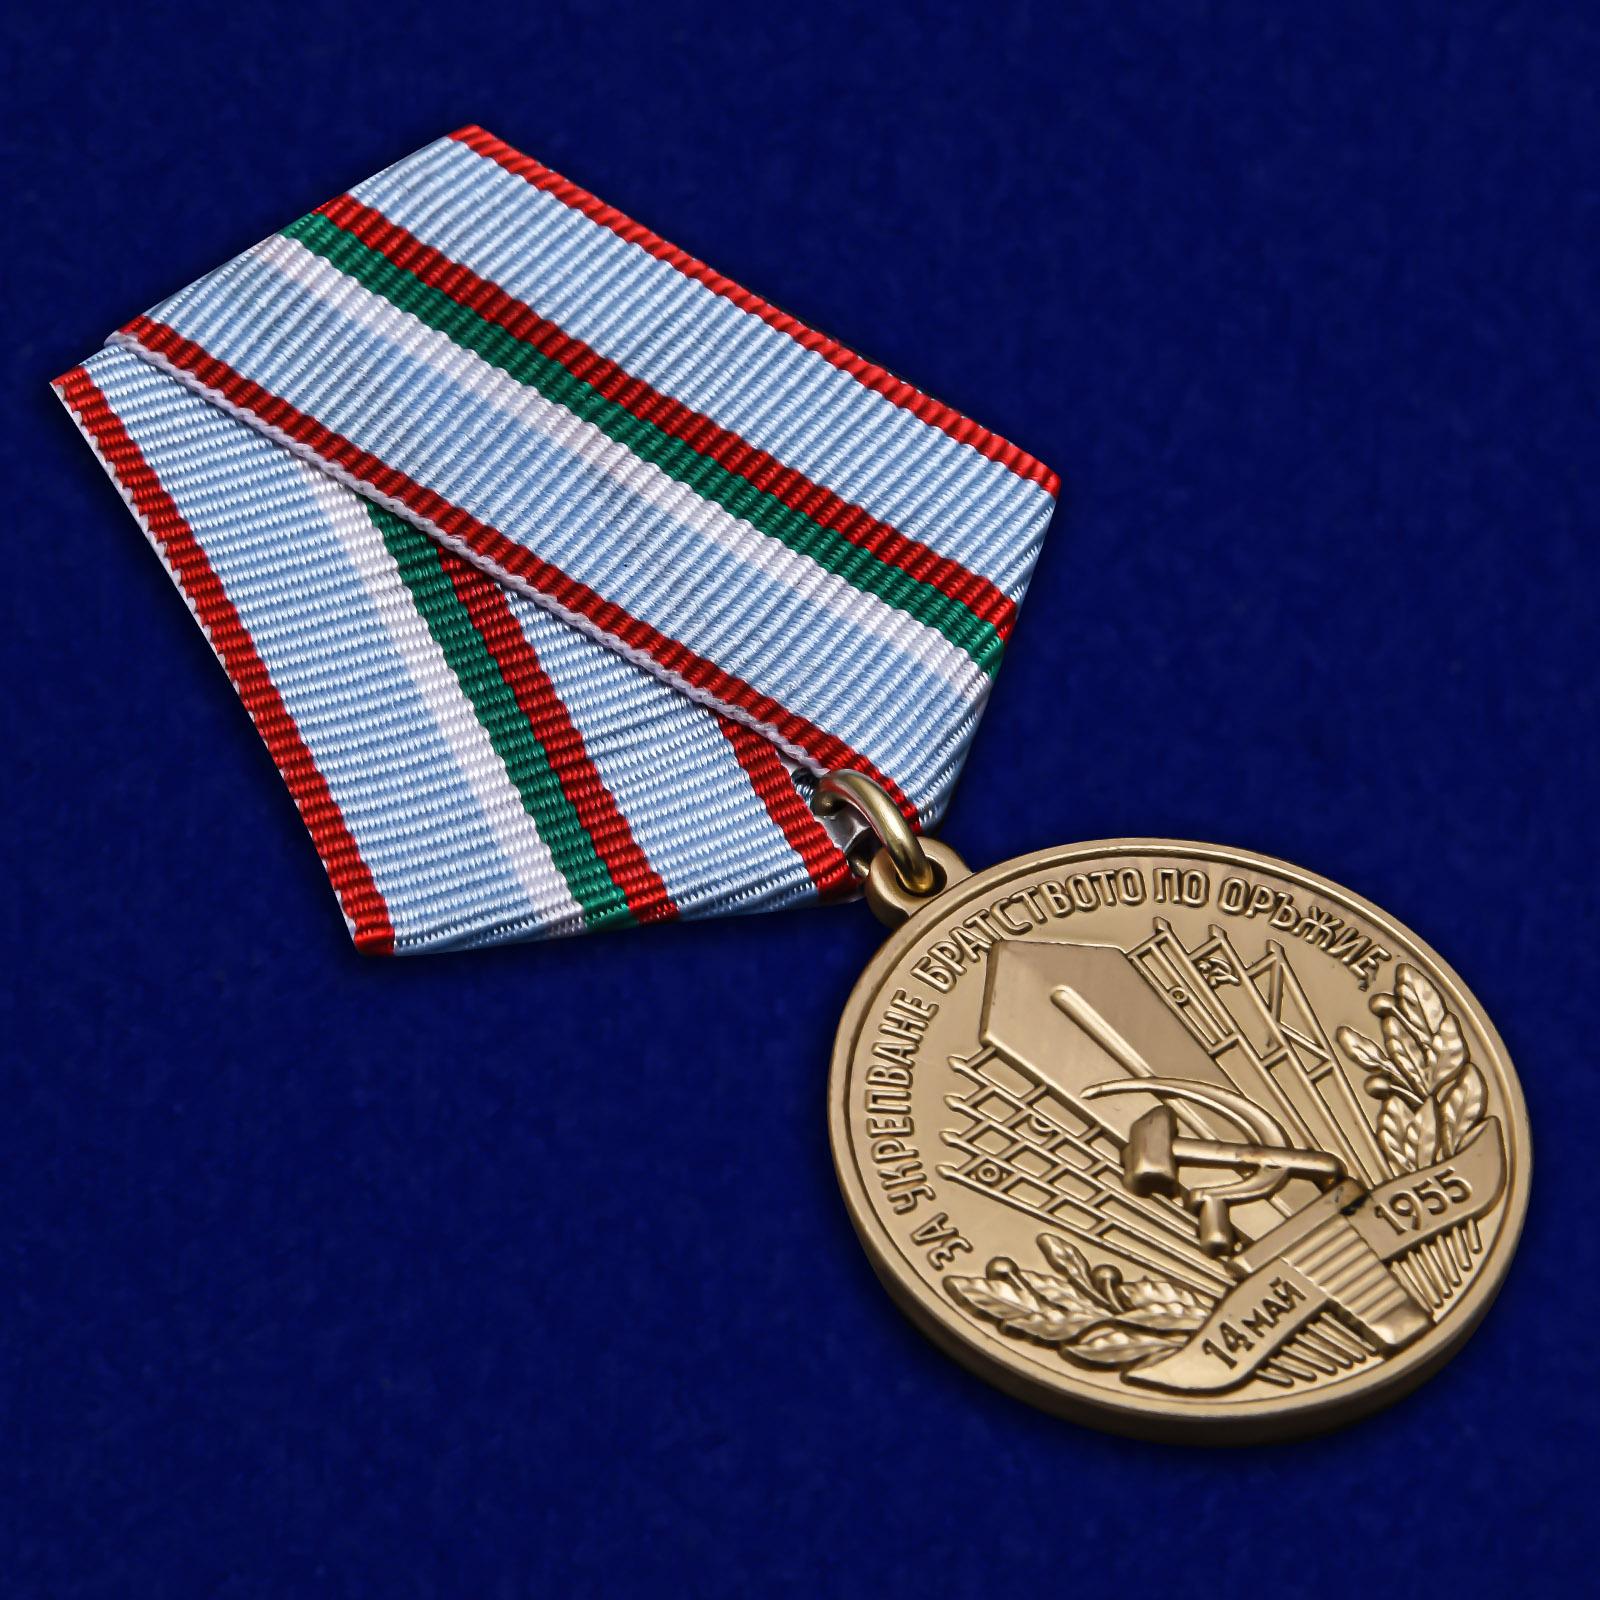 """Купить медаль """"За укрепление братства по оружию"""" НРБ"""